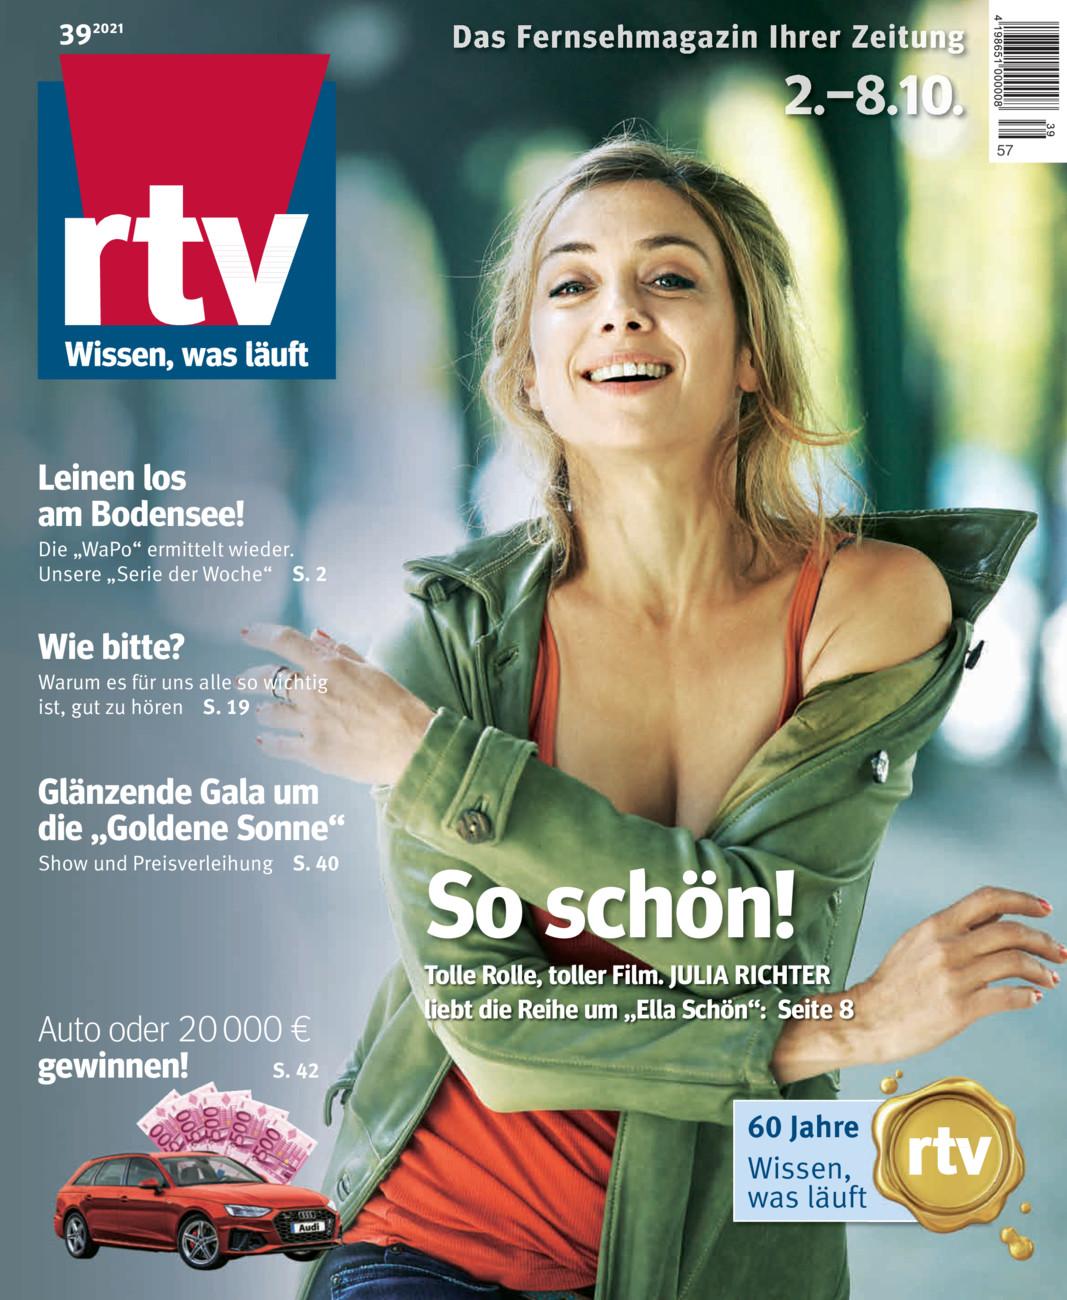 RTV Fernsehmagazin vom Dienstag, 28.09.2021